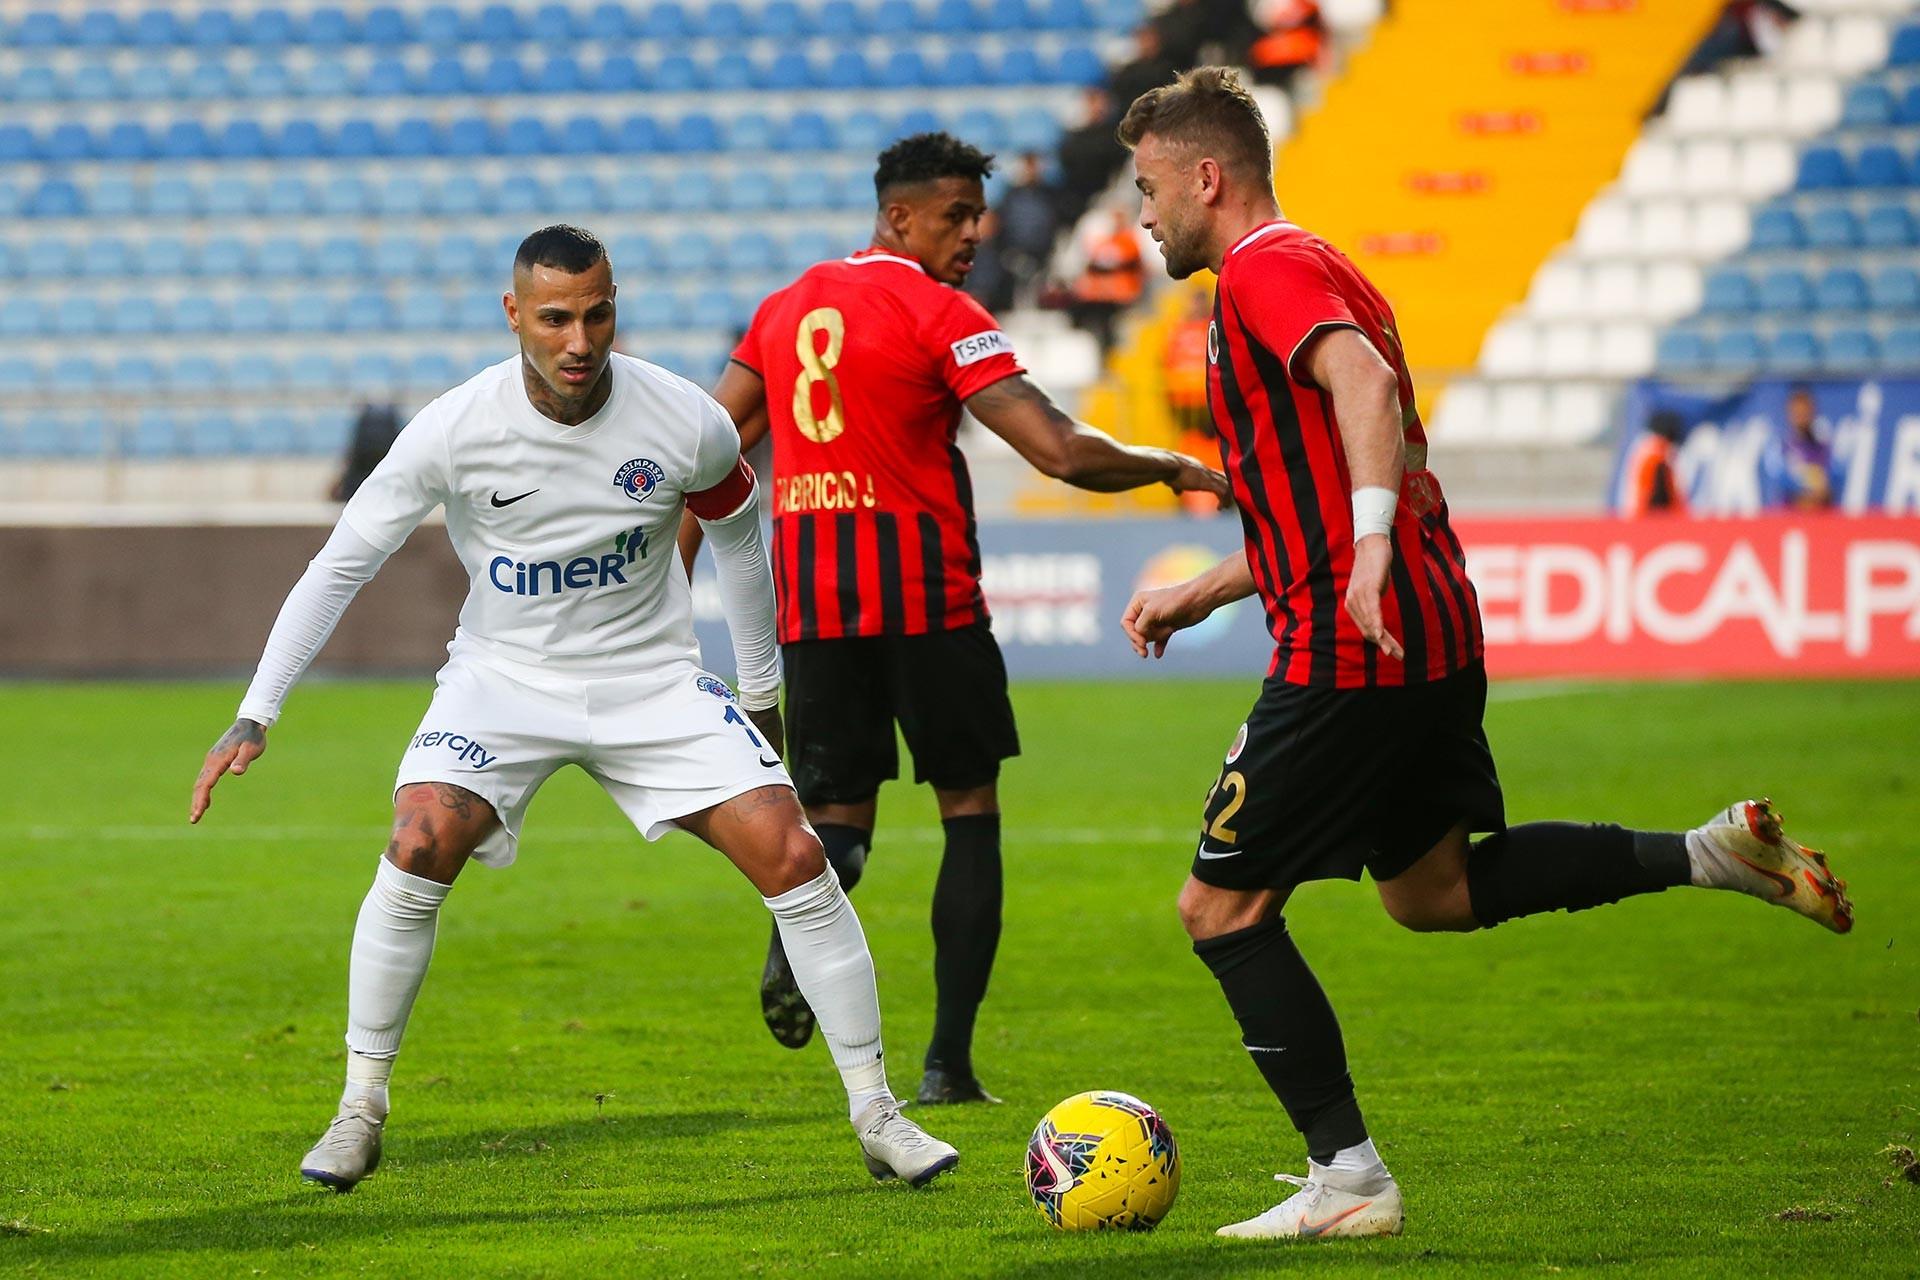 Kasımpaşalı futbolcu Ricardo Quaresma, bir pozisyonda Gençlerbirliği oyuncusu Erdem Özgenç ile mücadele ederken